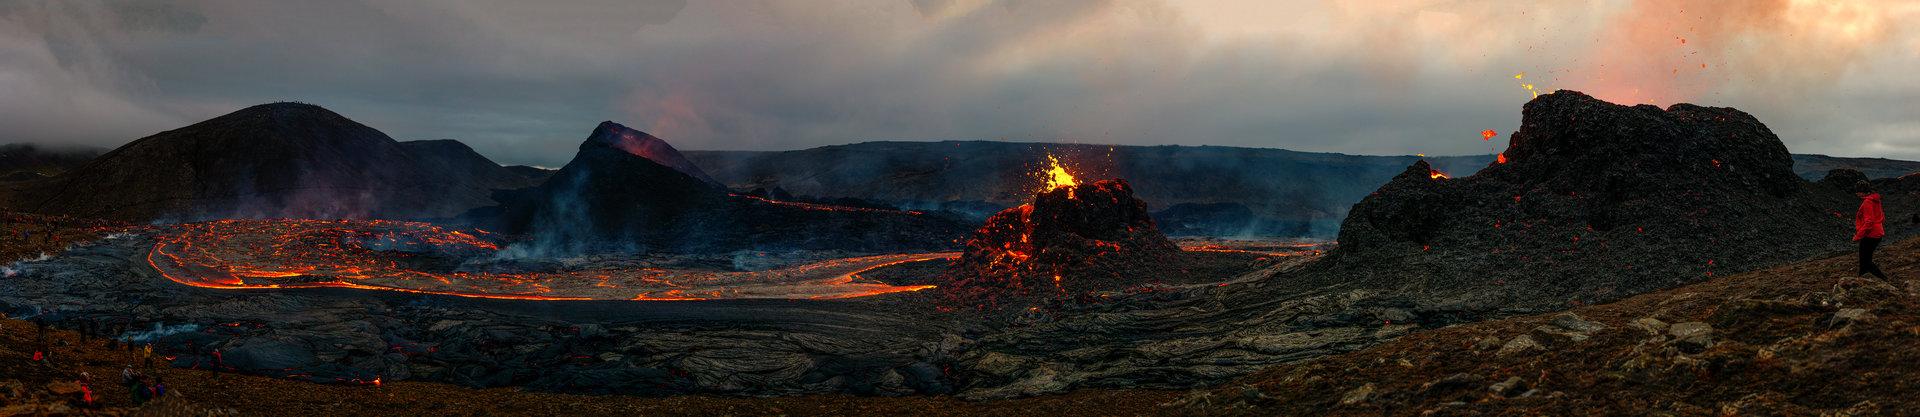 Роди се вулкан..А след него..Вулкан,вулкан,вулкан | Author Ivan Kalinov - Vank0 | PHOTO FORUM